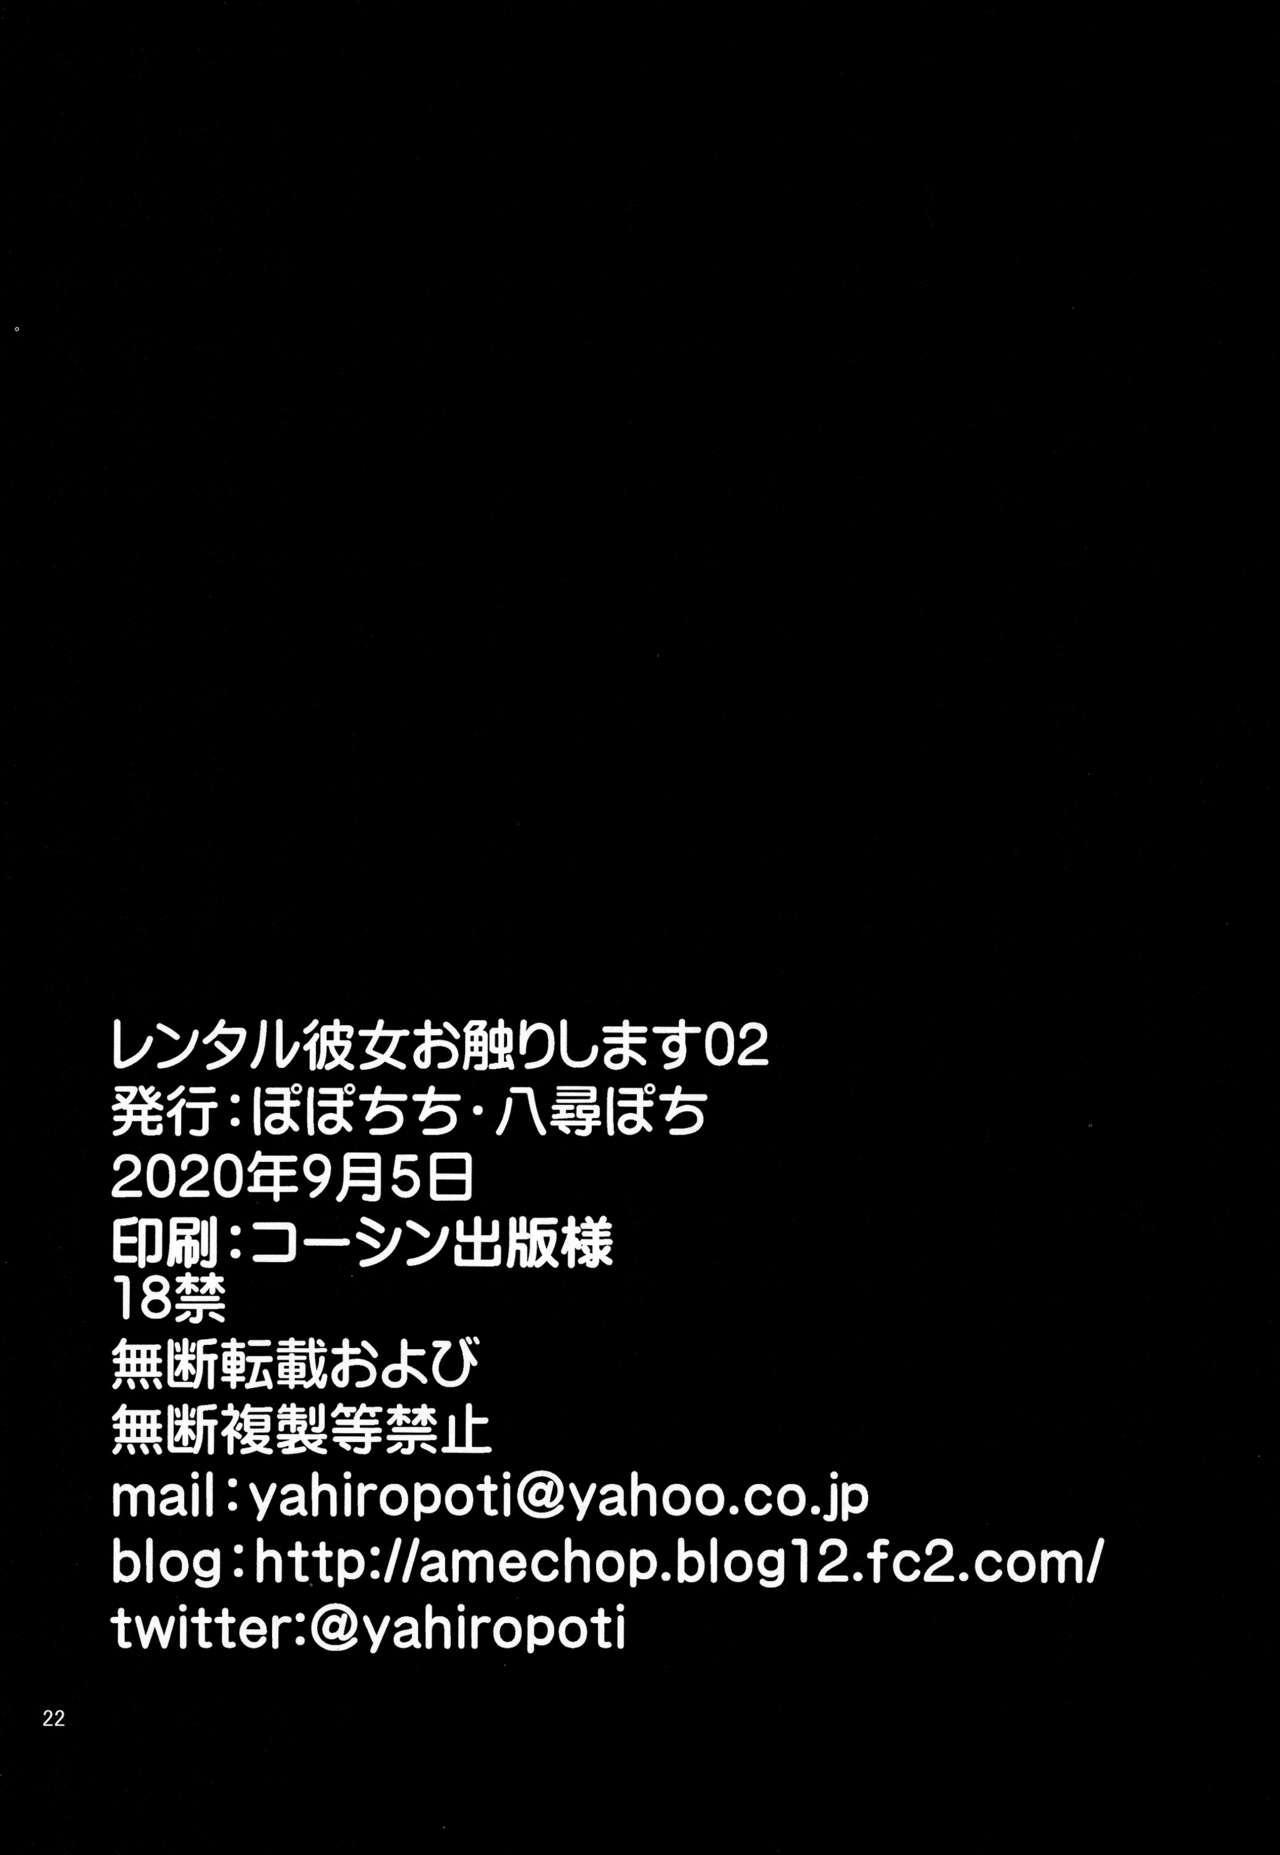 Rental Kanojo Osawari Shimasu 02 20